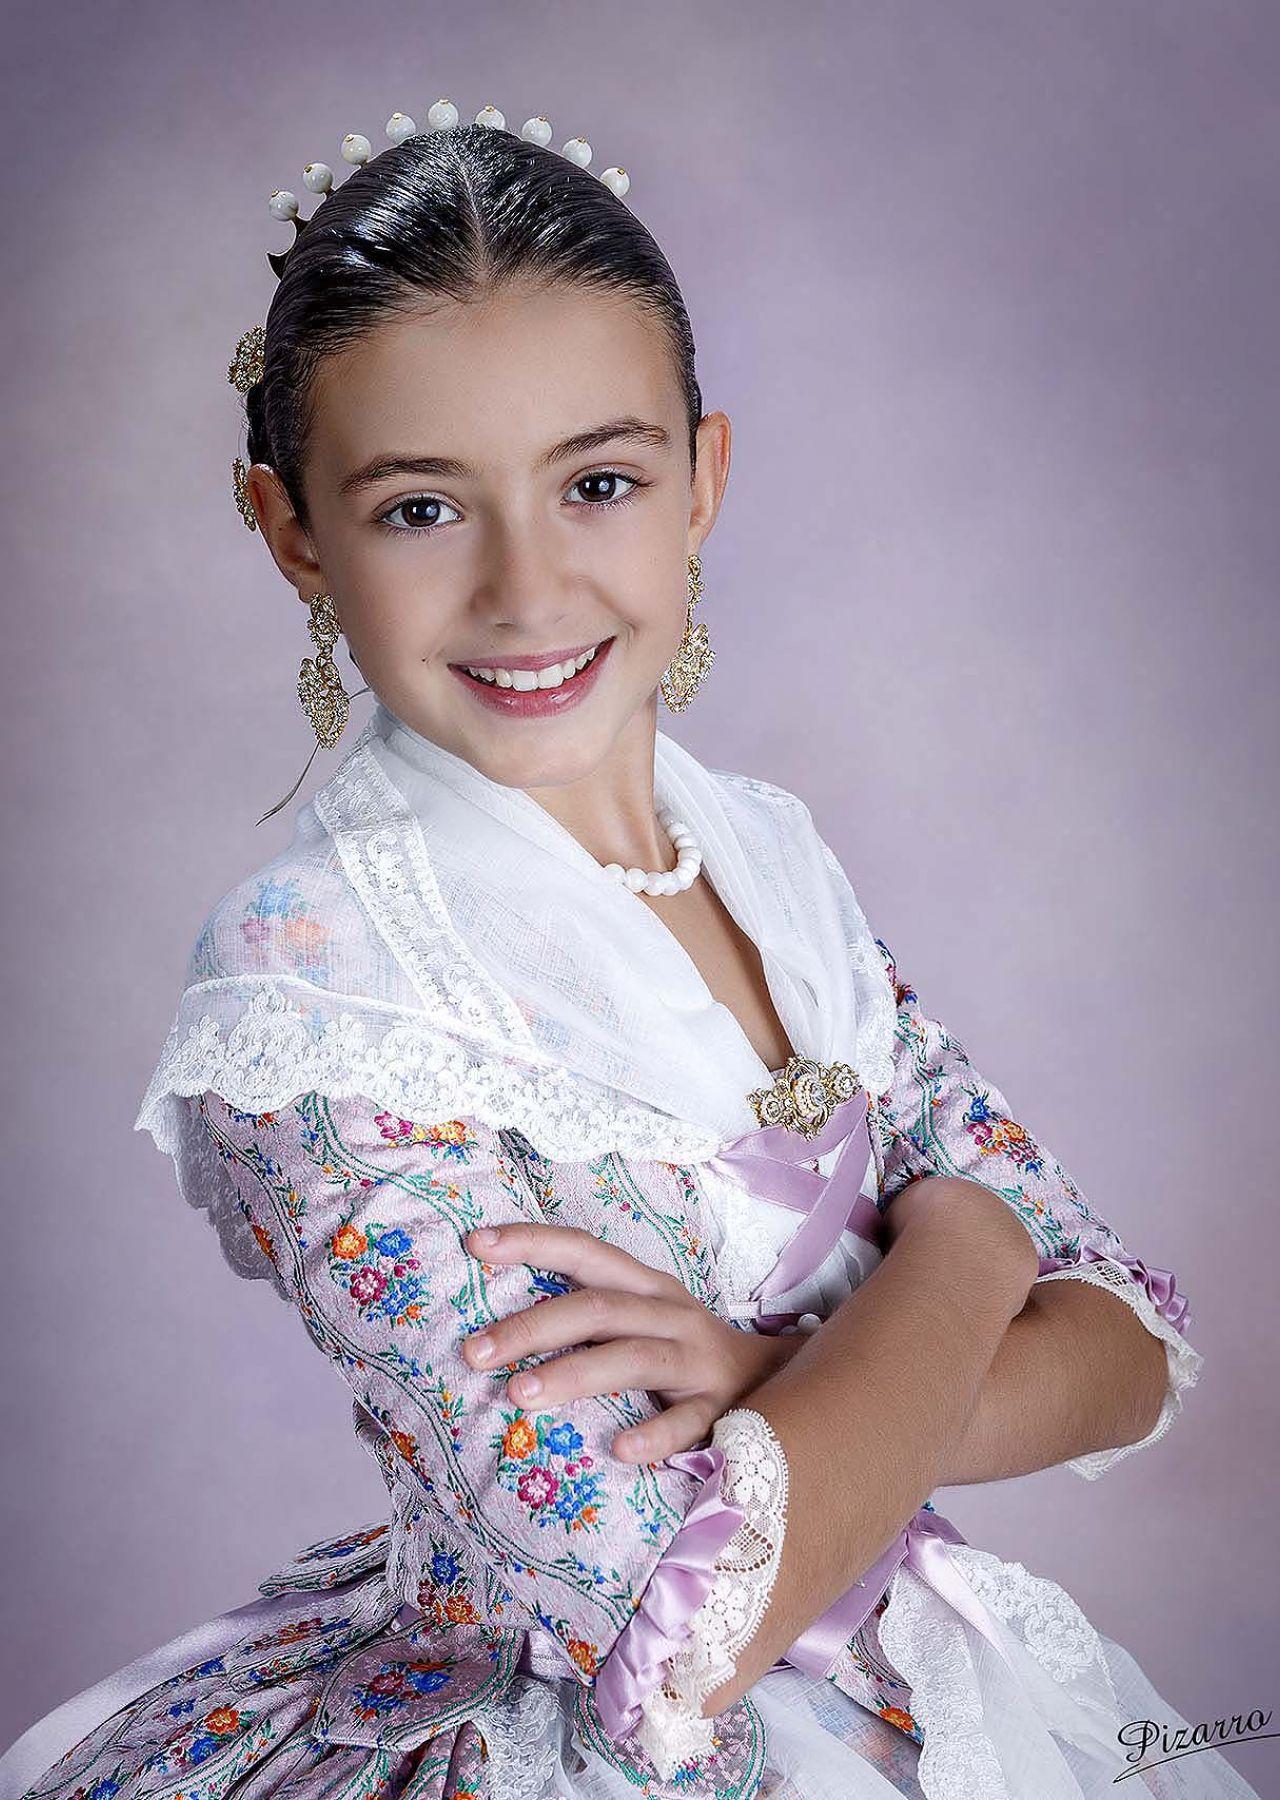 Lucía Guijarro Carrasco